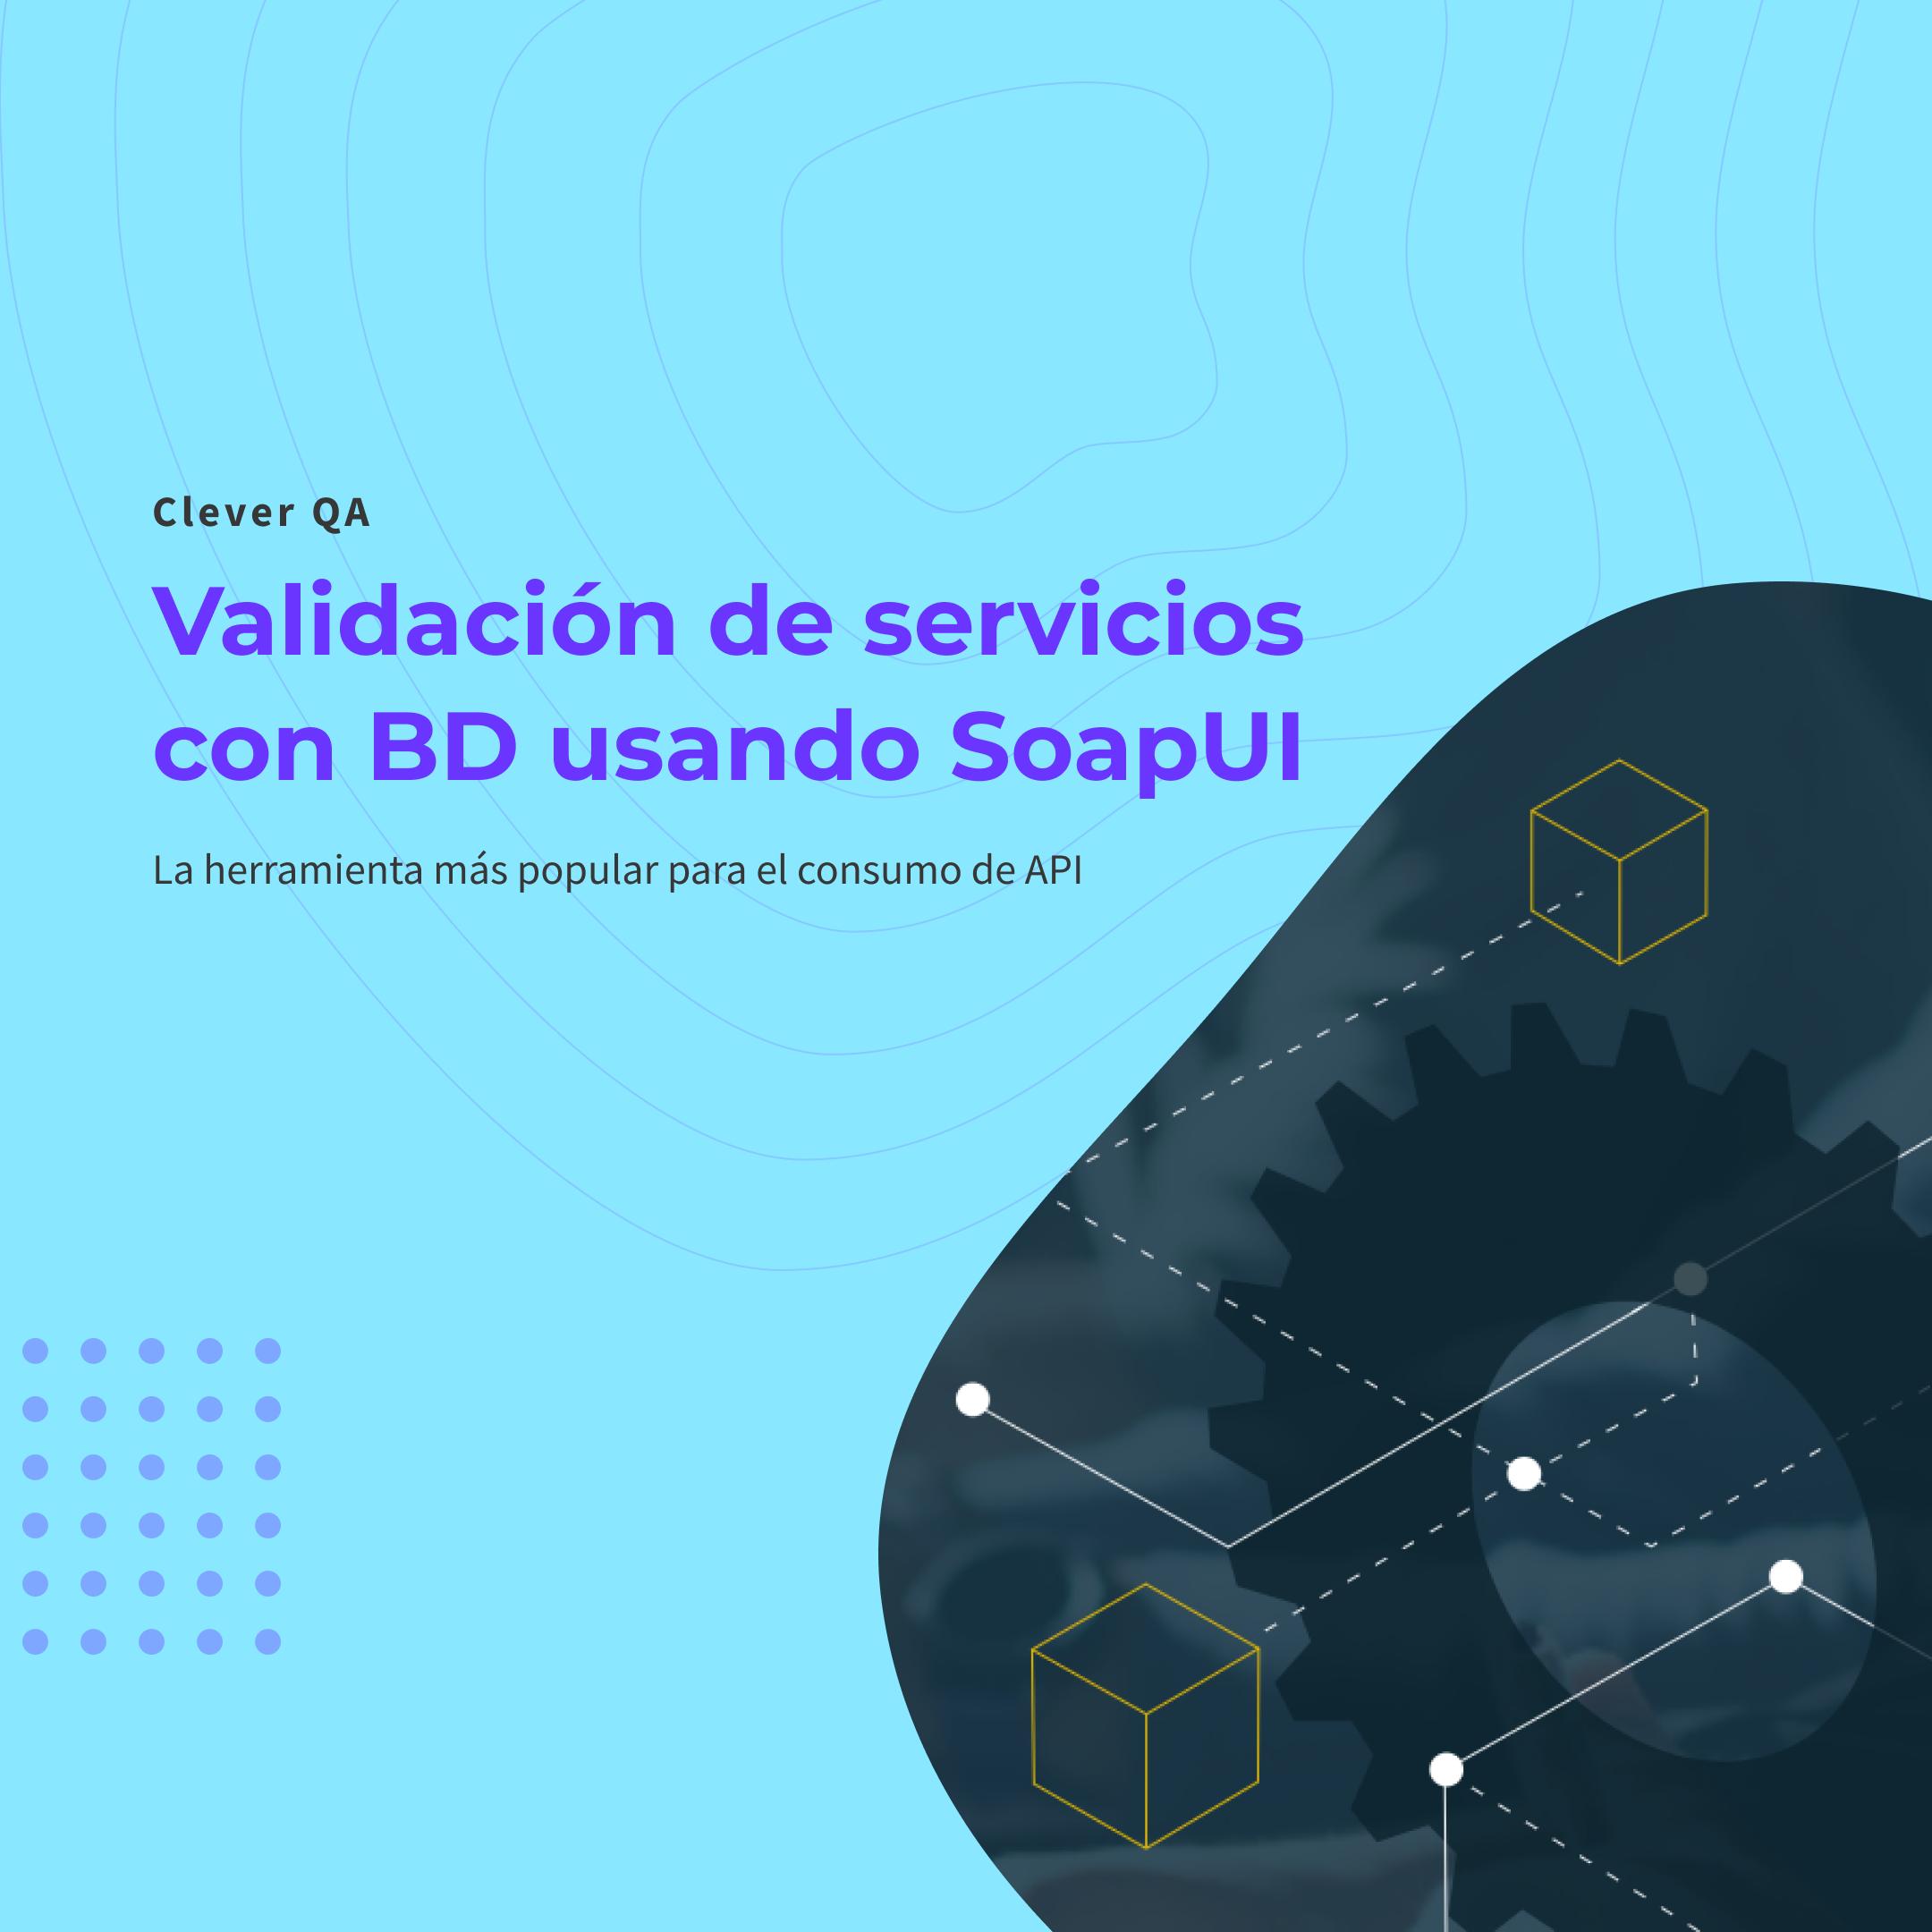 Validación de servicios con BD usando SoapUI